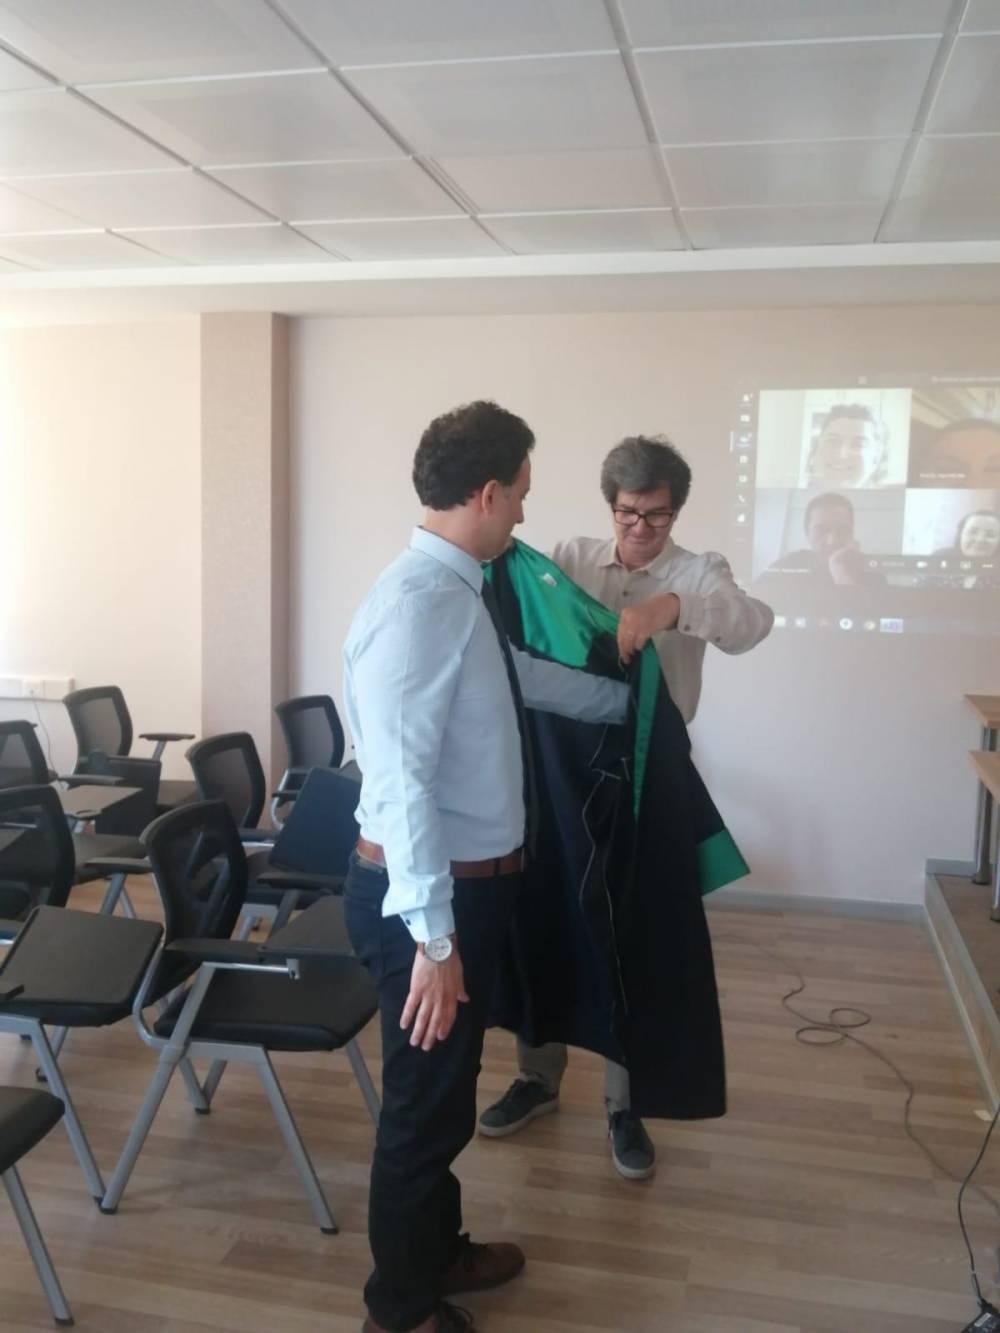 Çukurova Üniversitesi İlk Doçentlik E-Sözlü Sınavını Gerçekleştirdi